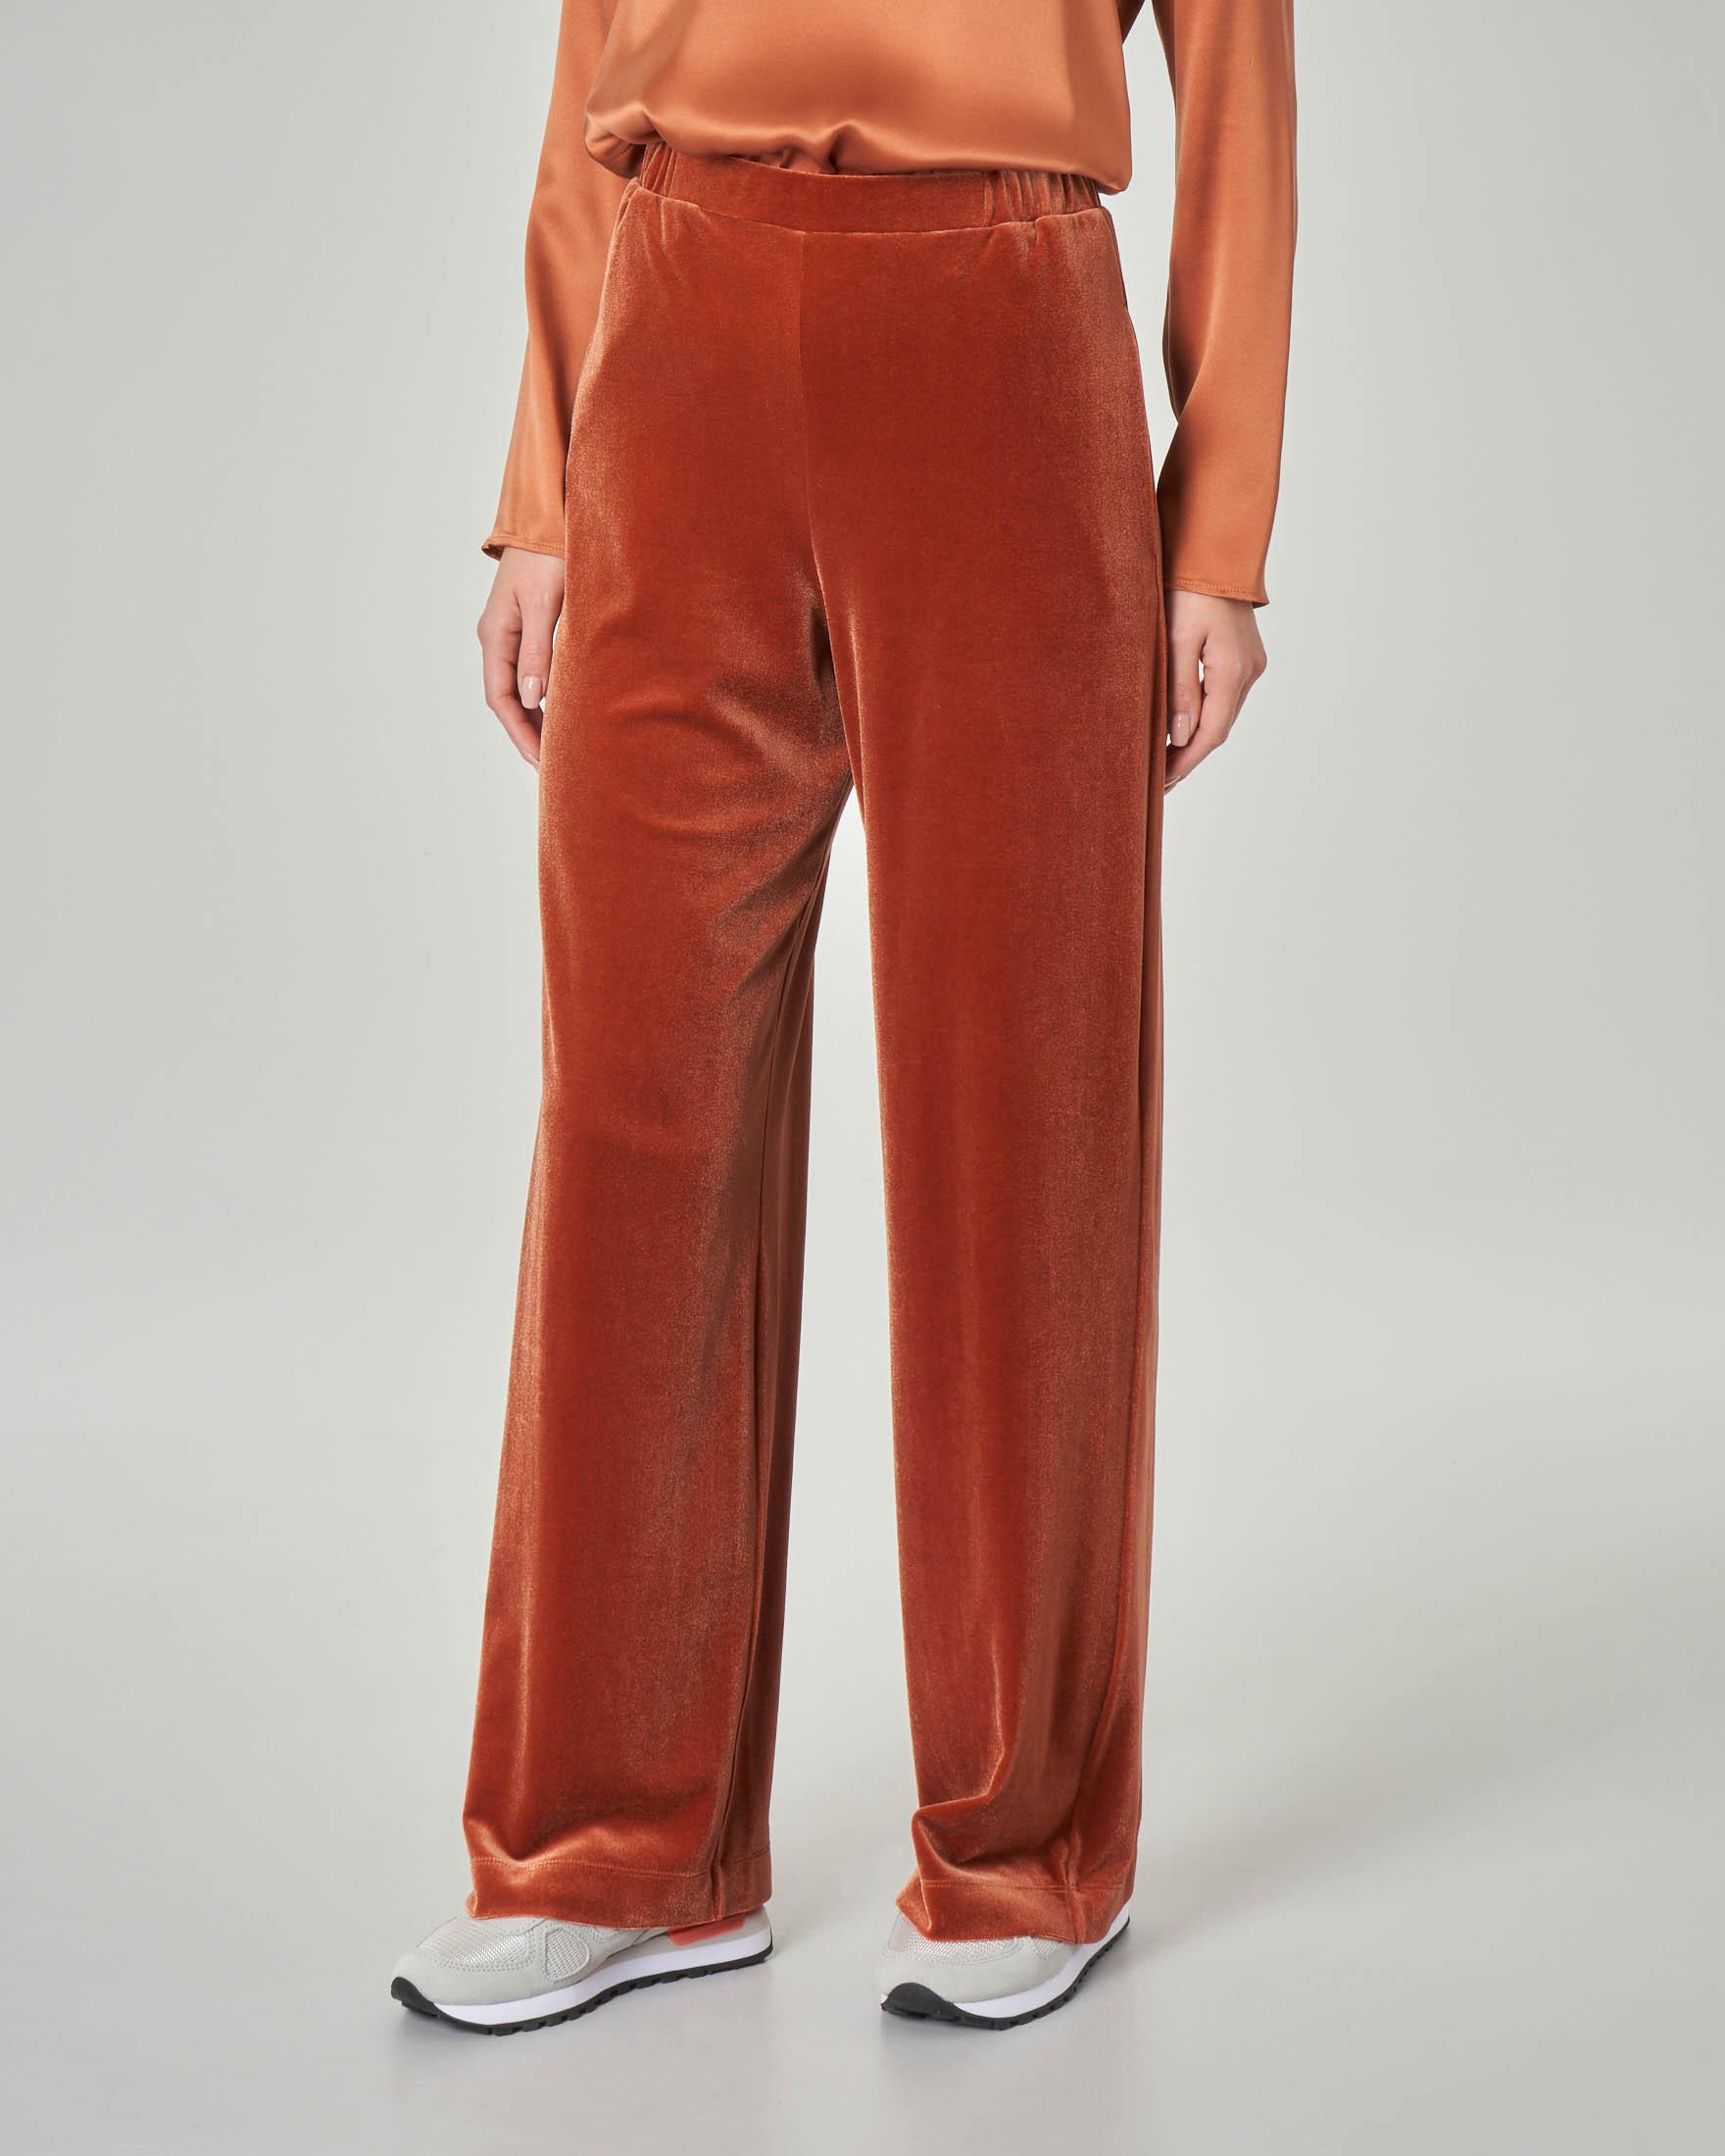 Pantalone palazzo in velluto color ruggine